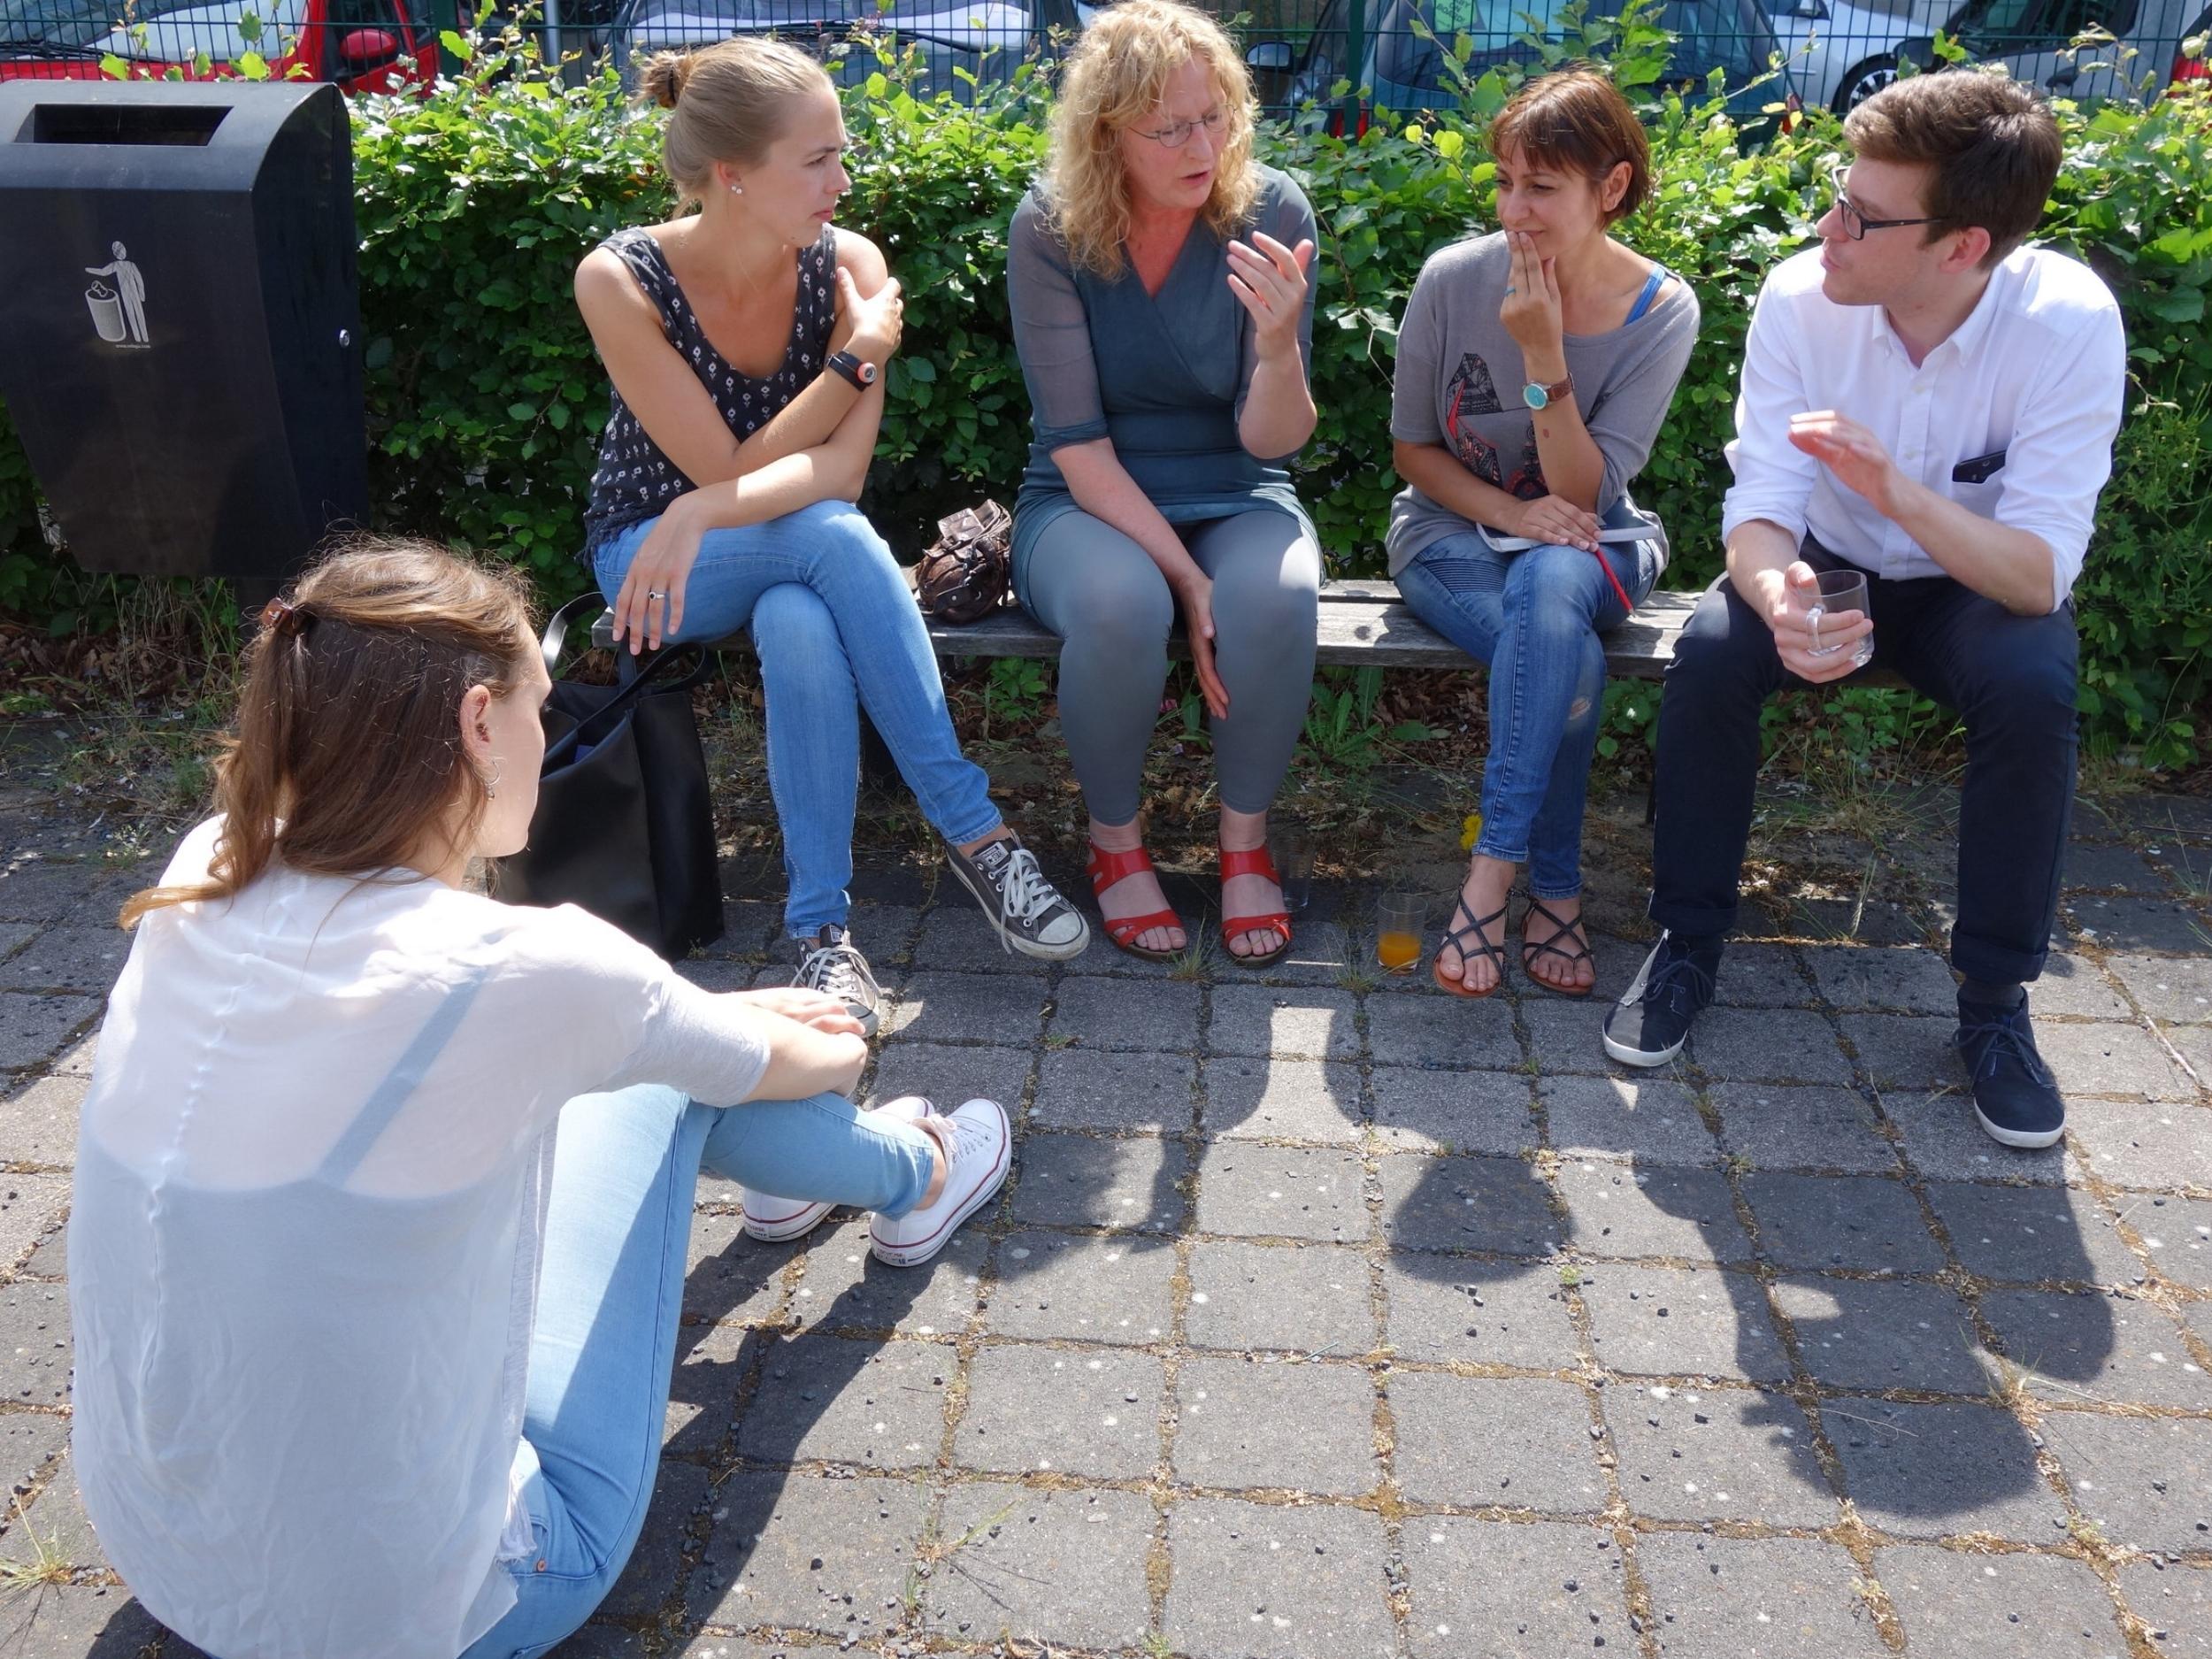 Sociaal ondernemen in de wijk